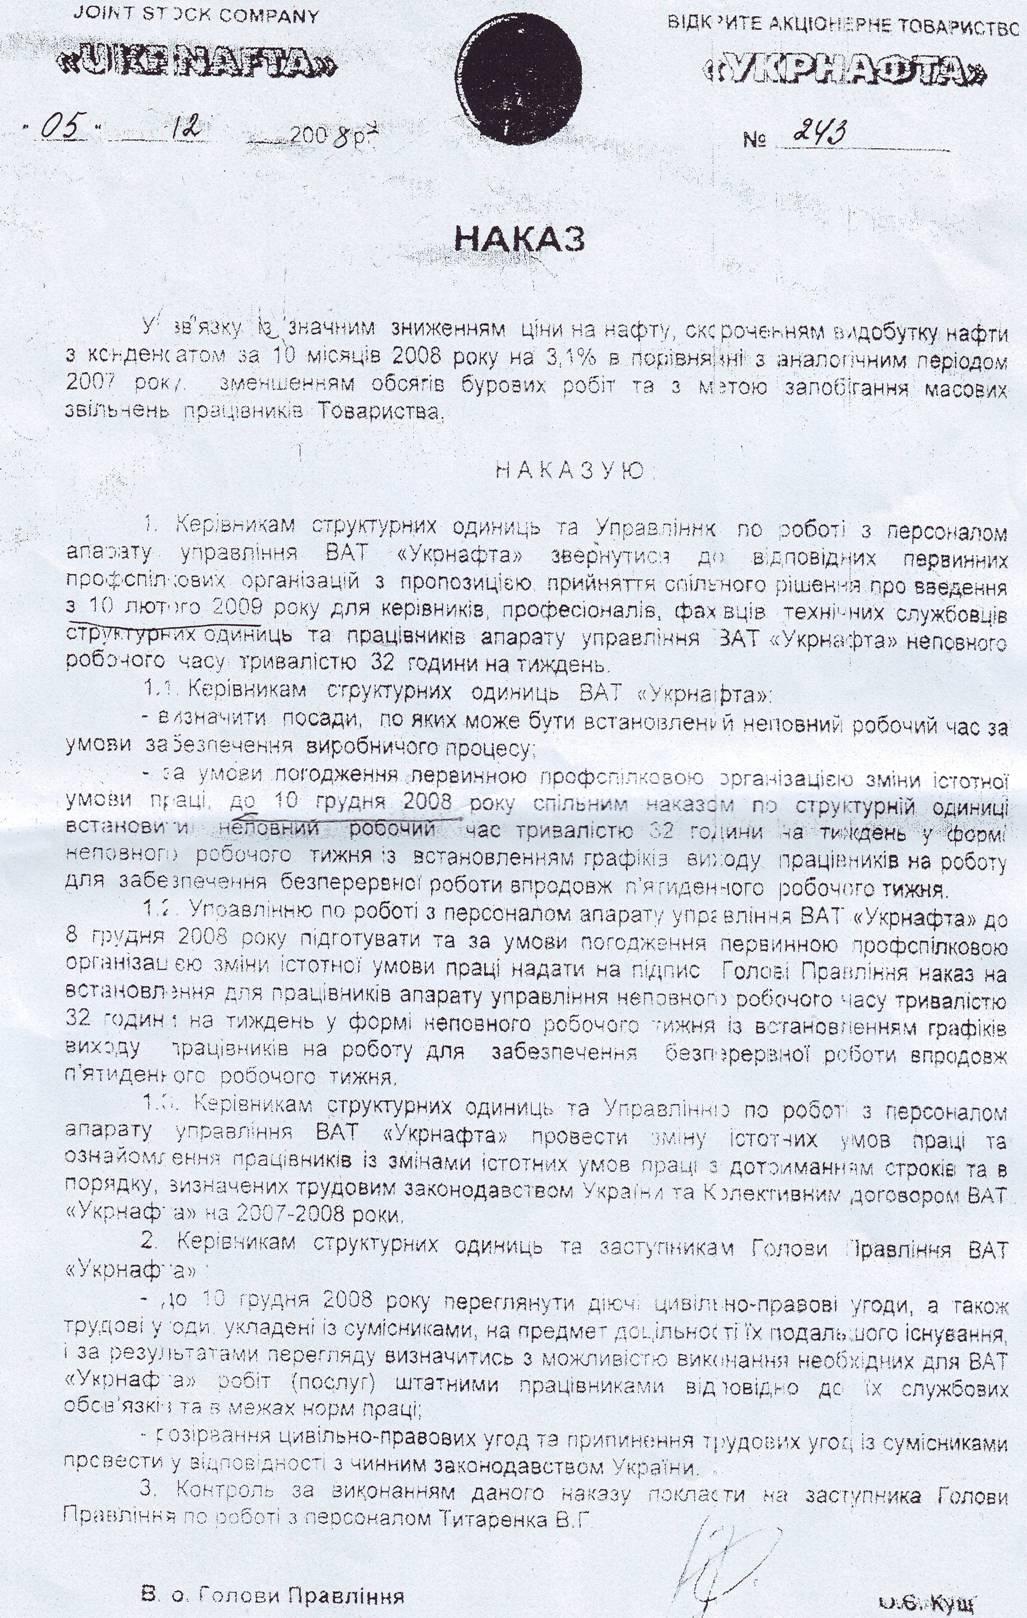 Причини скорочення працівників у структурах Укрнафти - 15 Грудня